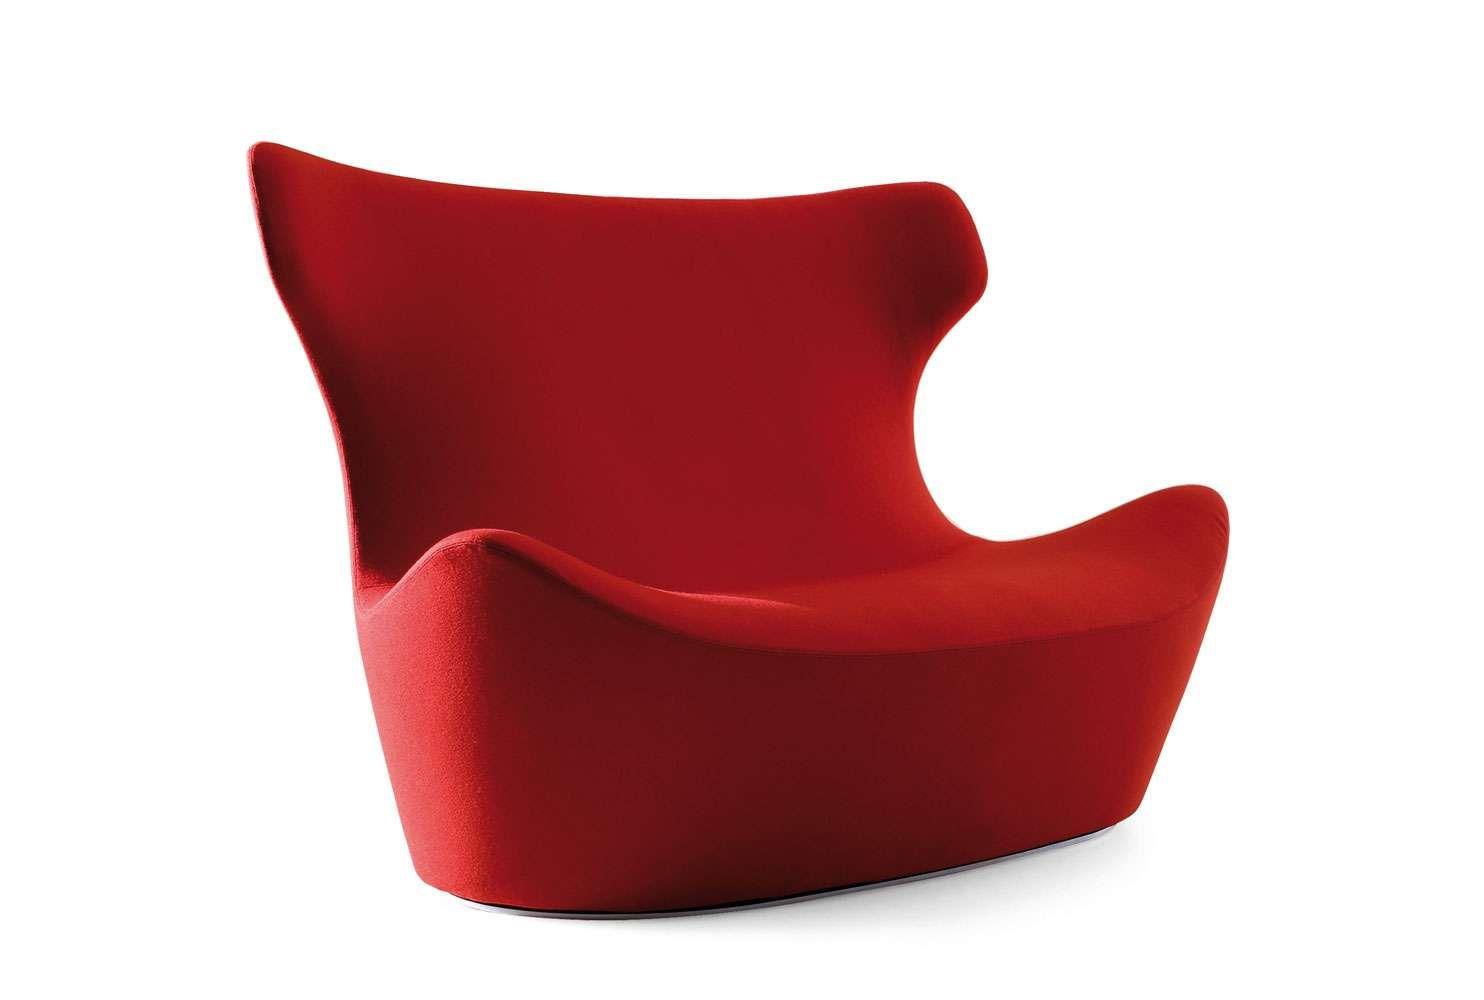 Divano Letto Bb Italia.Sofa Love Papilio B B Italia Design By Naoto Fukasawa Divano